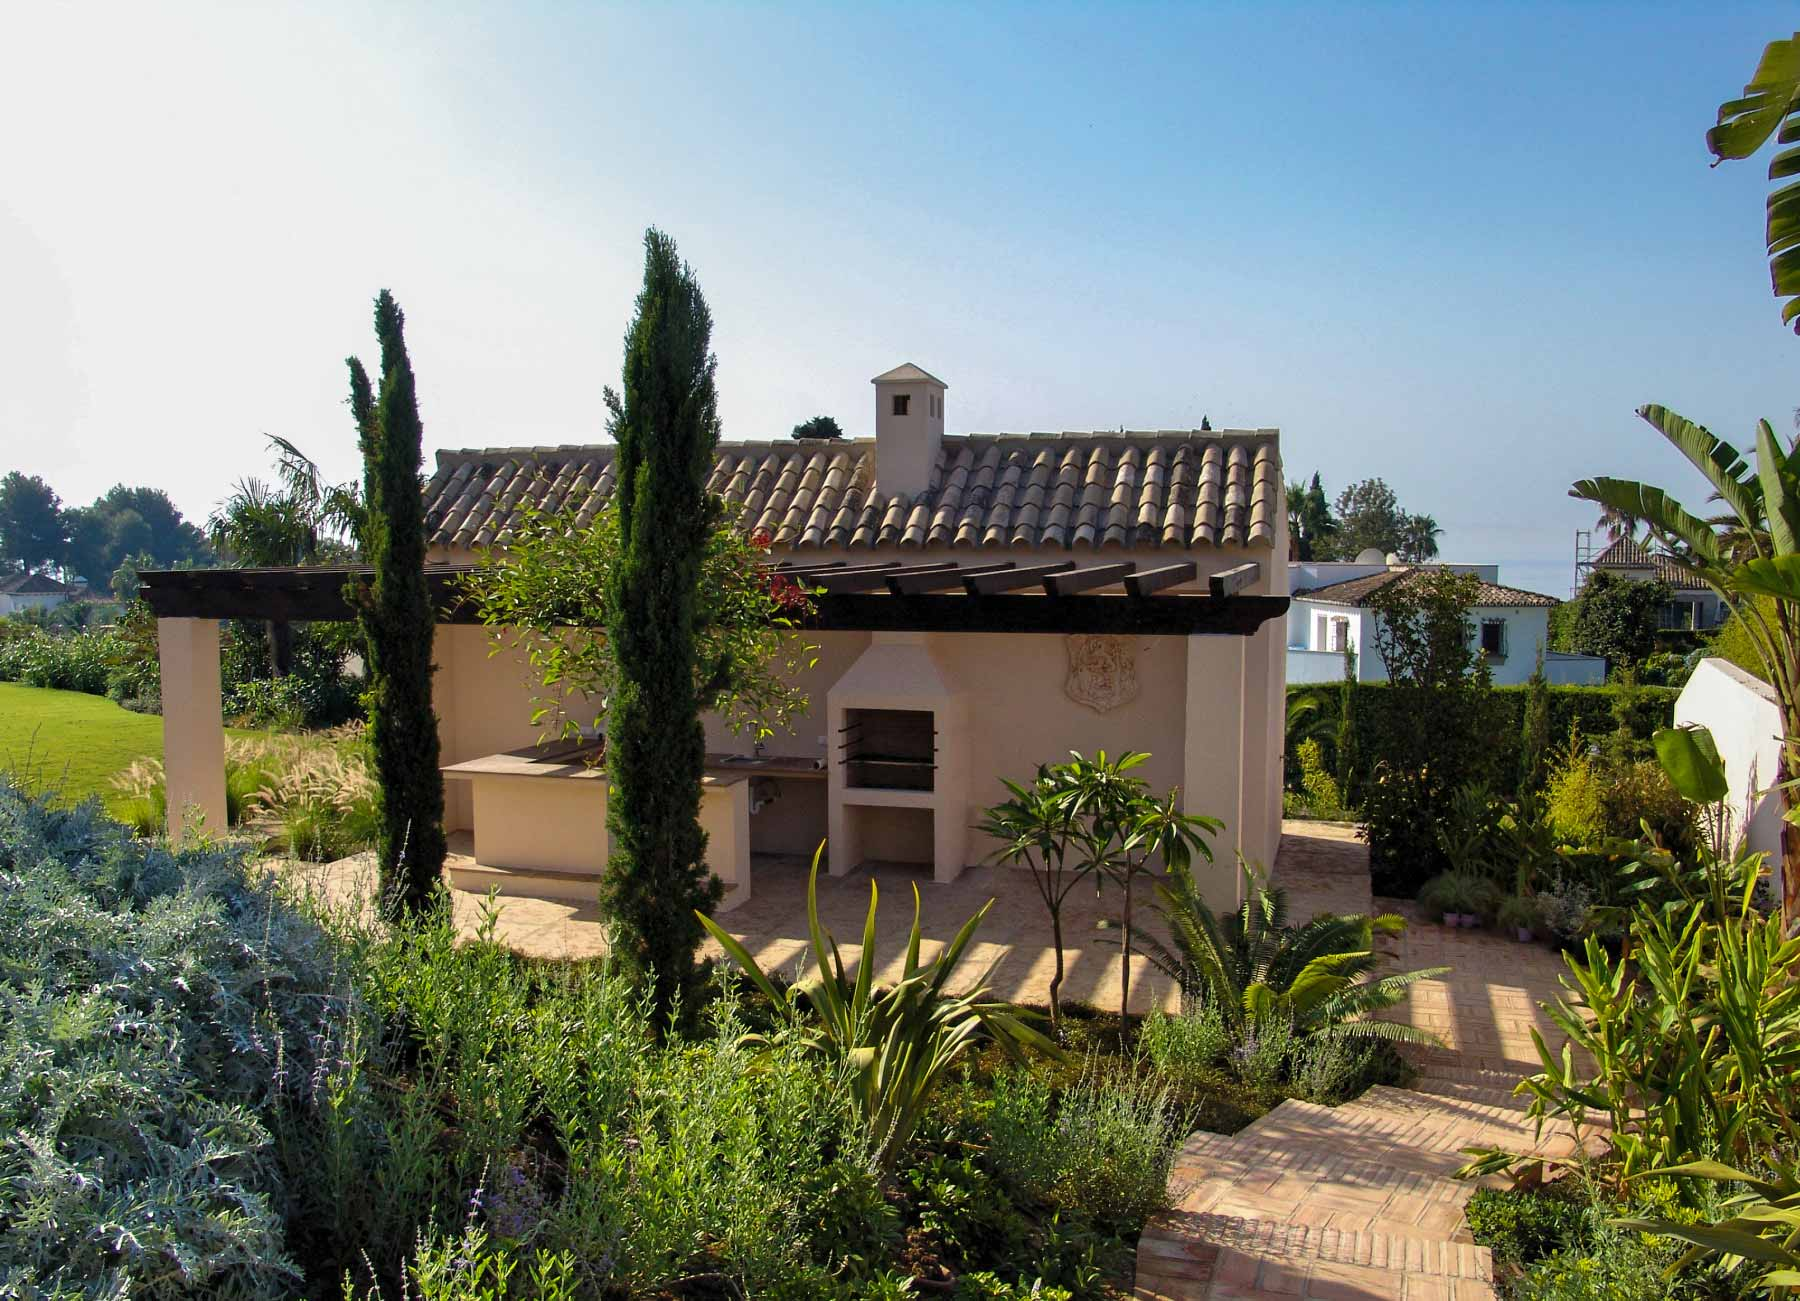 Fachada exterior de casa mediterránea